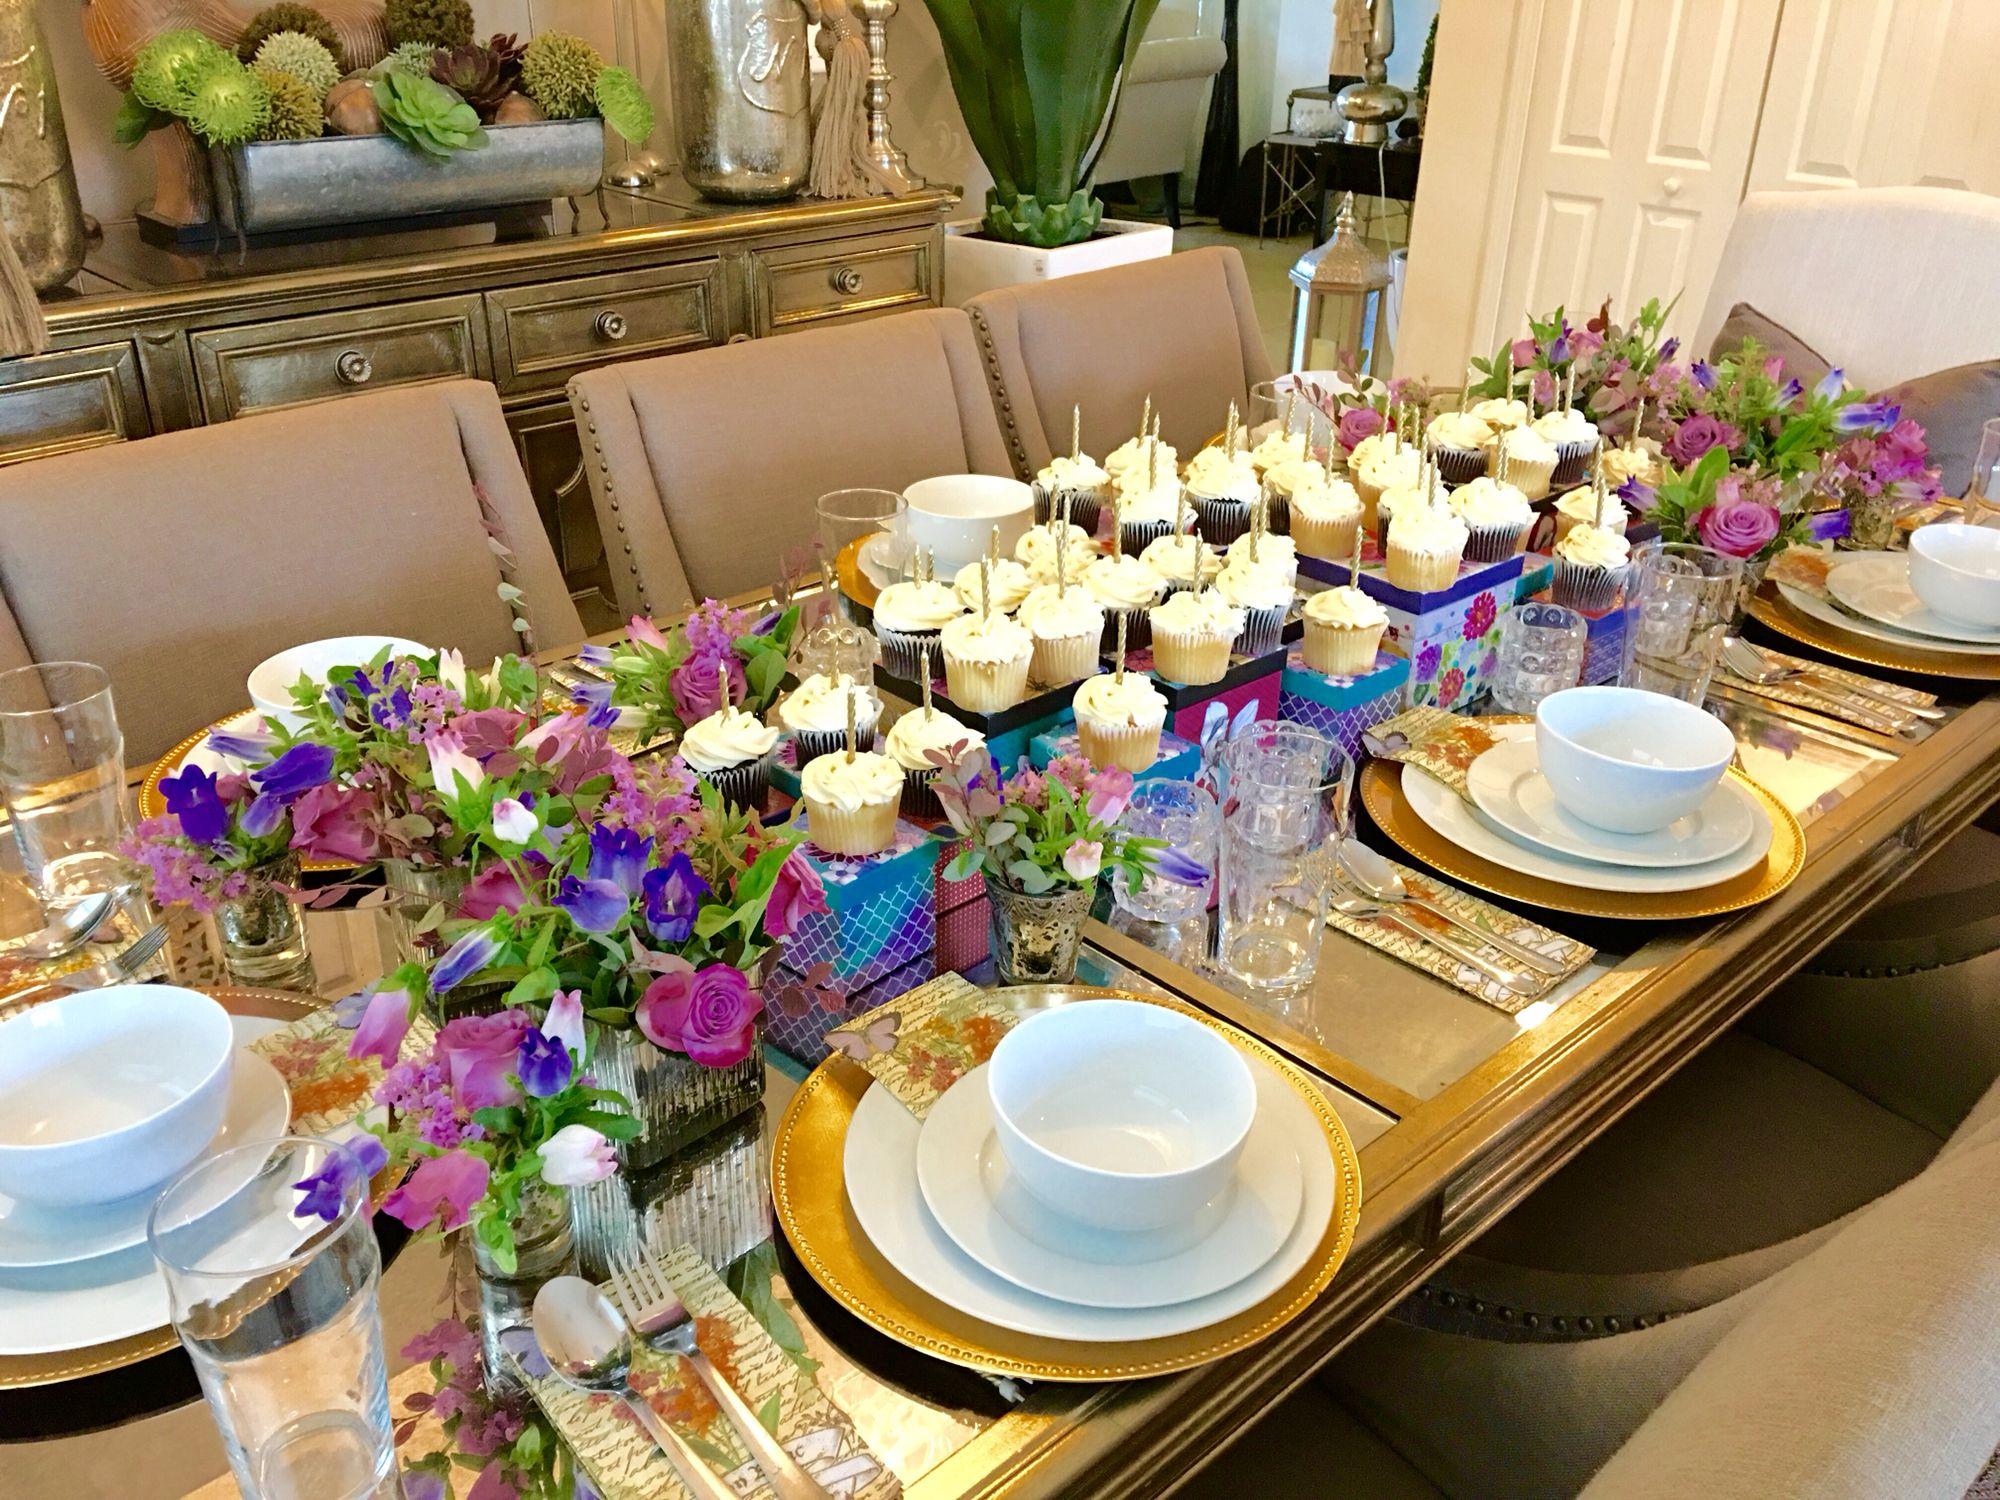 #elegantdining #cupcakes #vintagegiftboxes #purpleroses #floraldesign #flowercouture #flowercreation